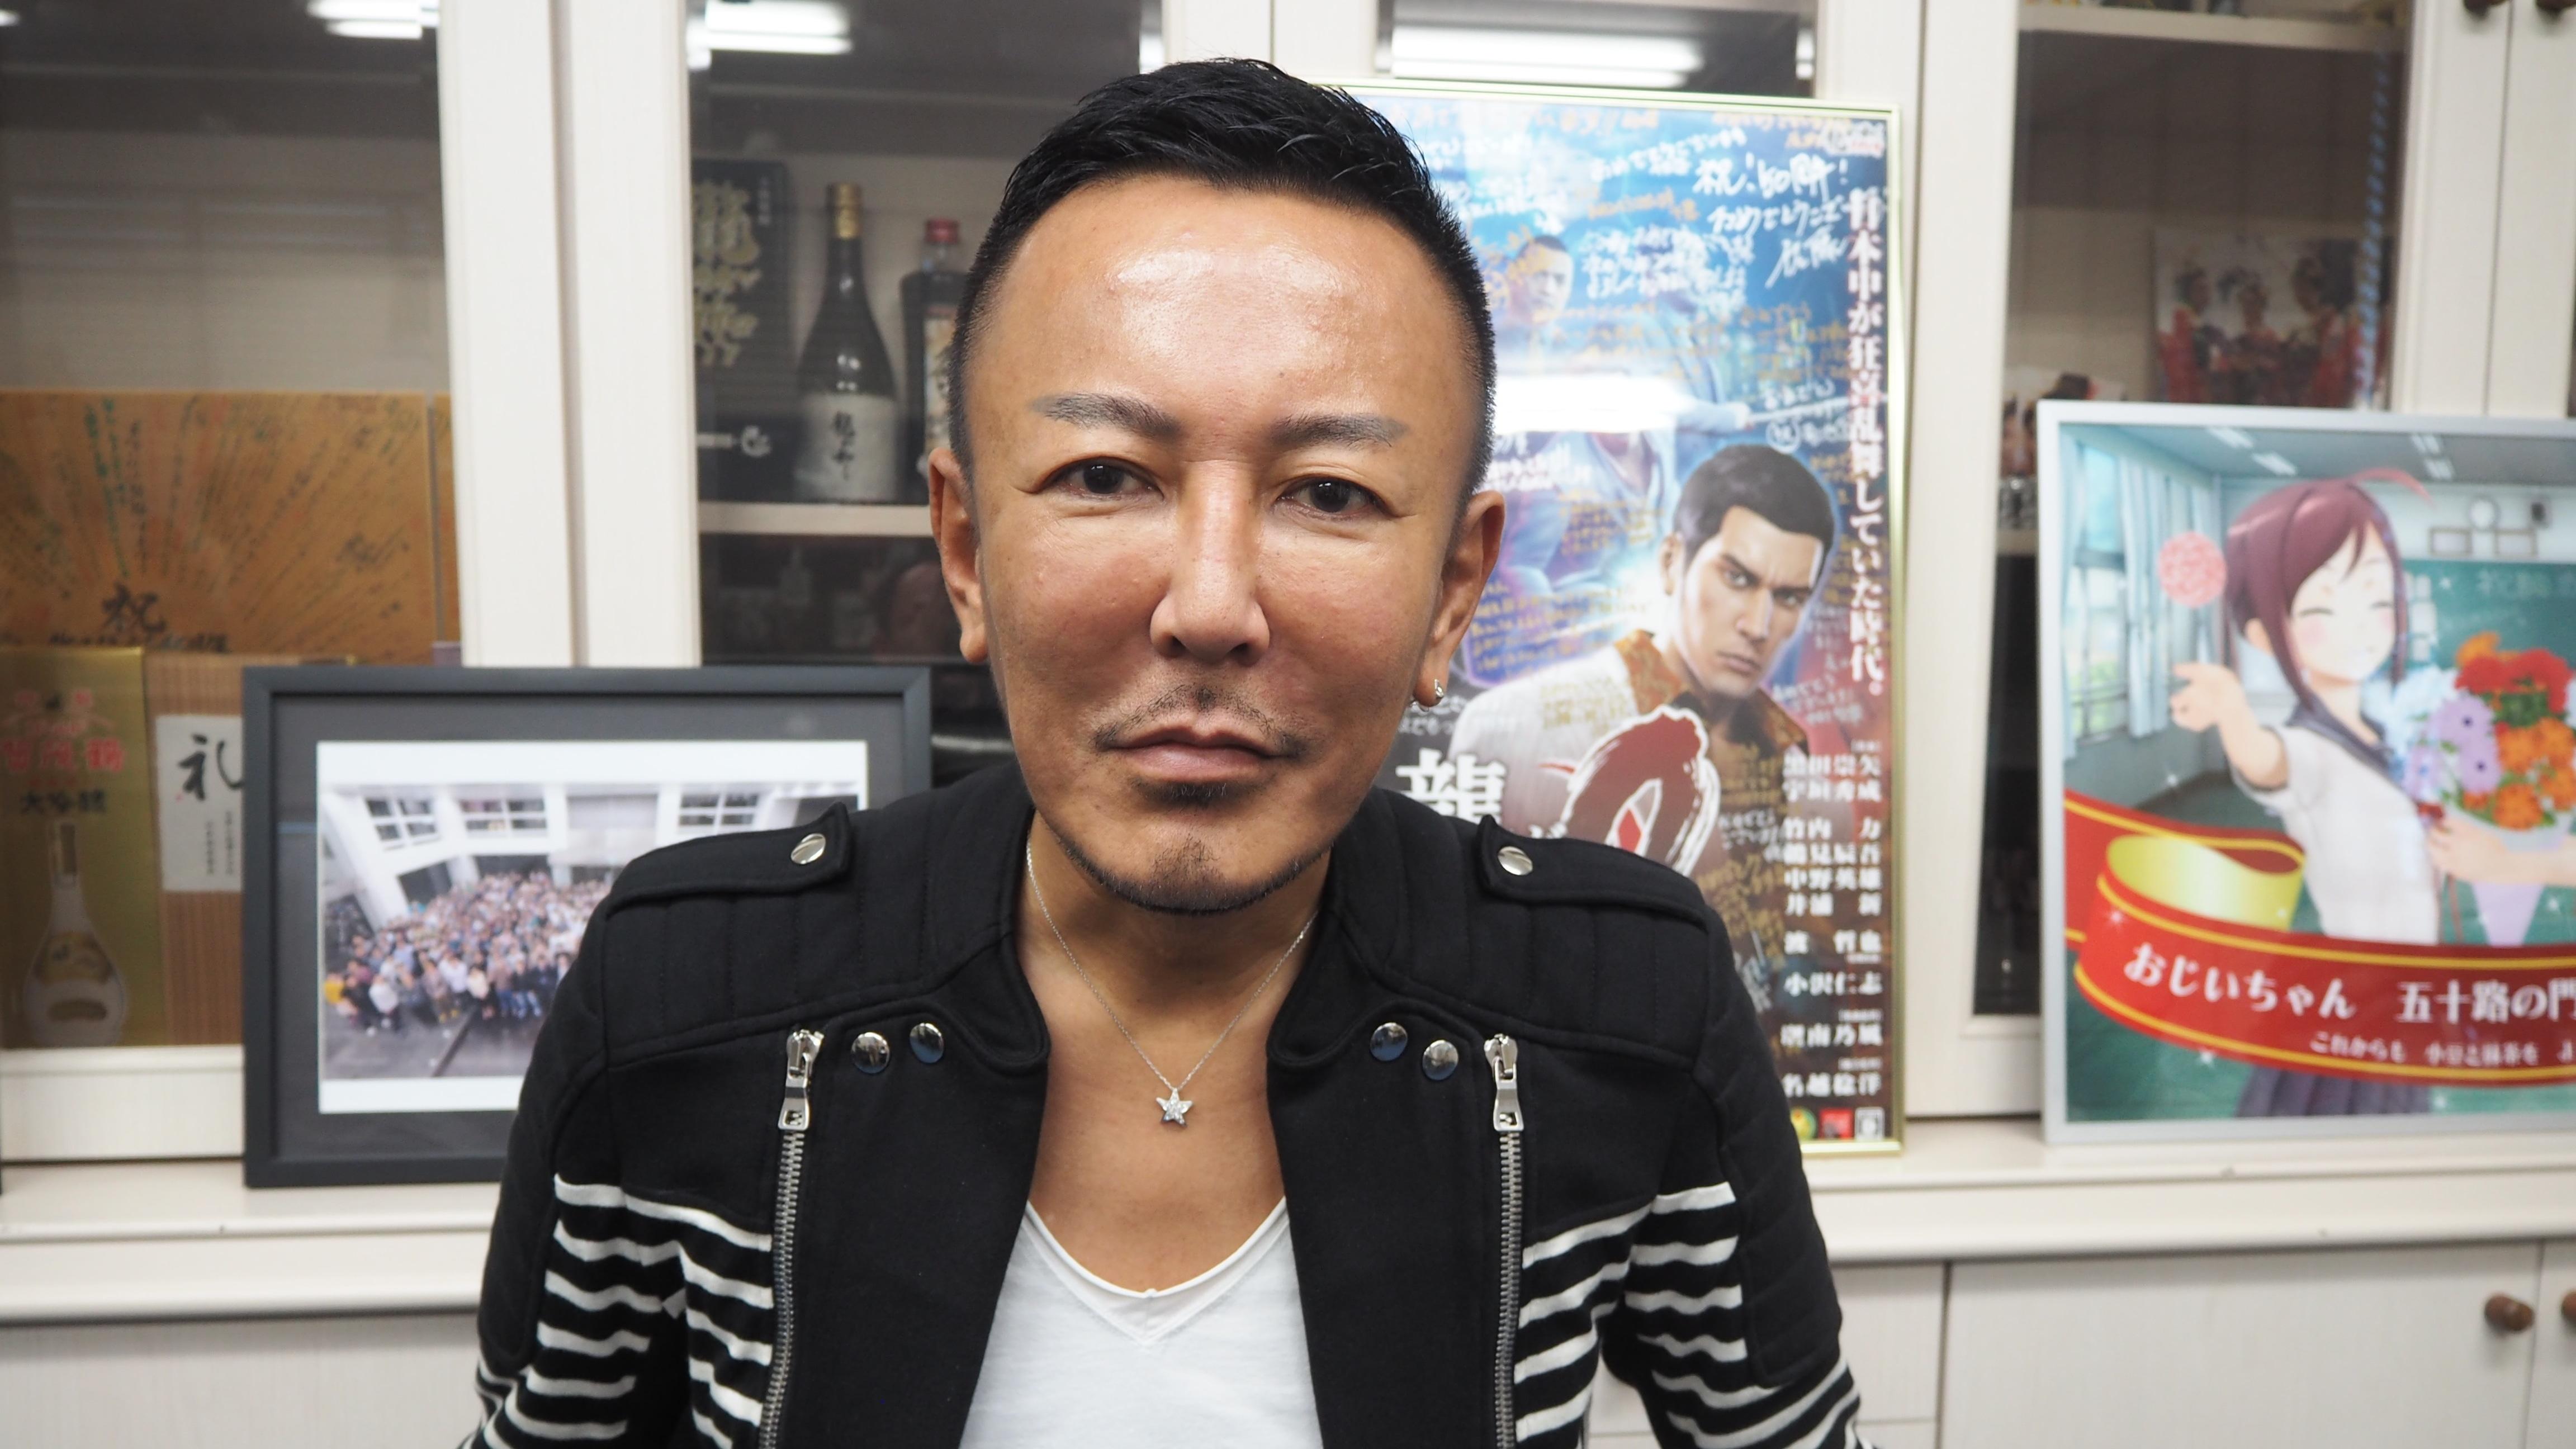 特別インタビュー:龍が如くスタジオディレクター名越稔洋監督のゲーム作りとは